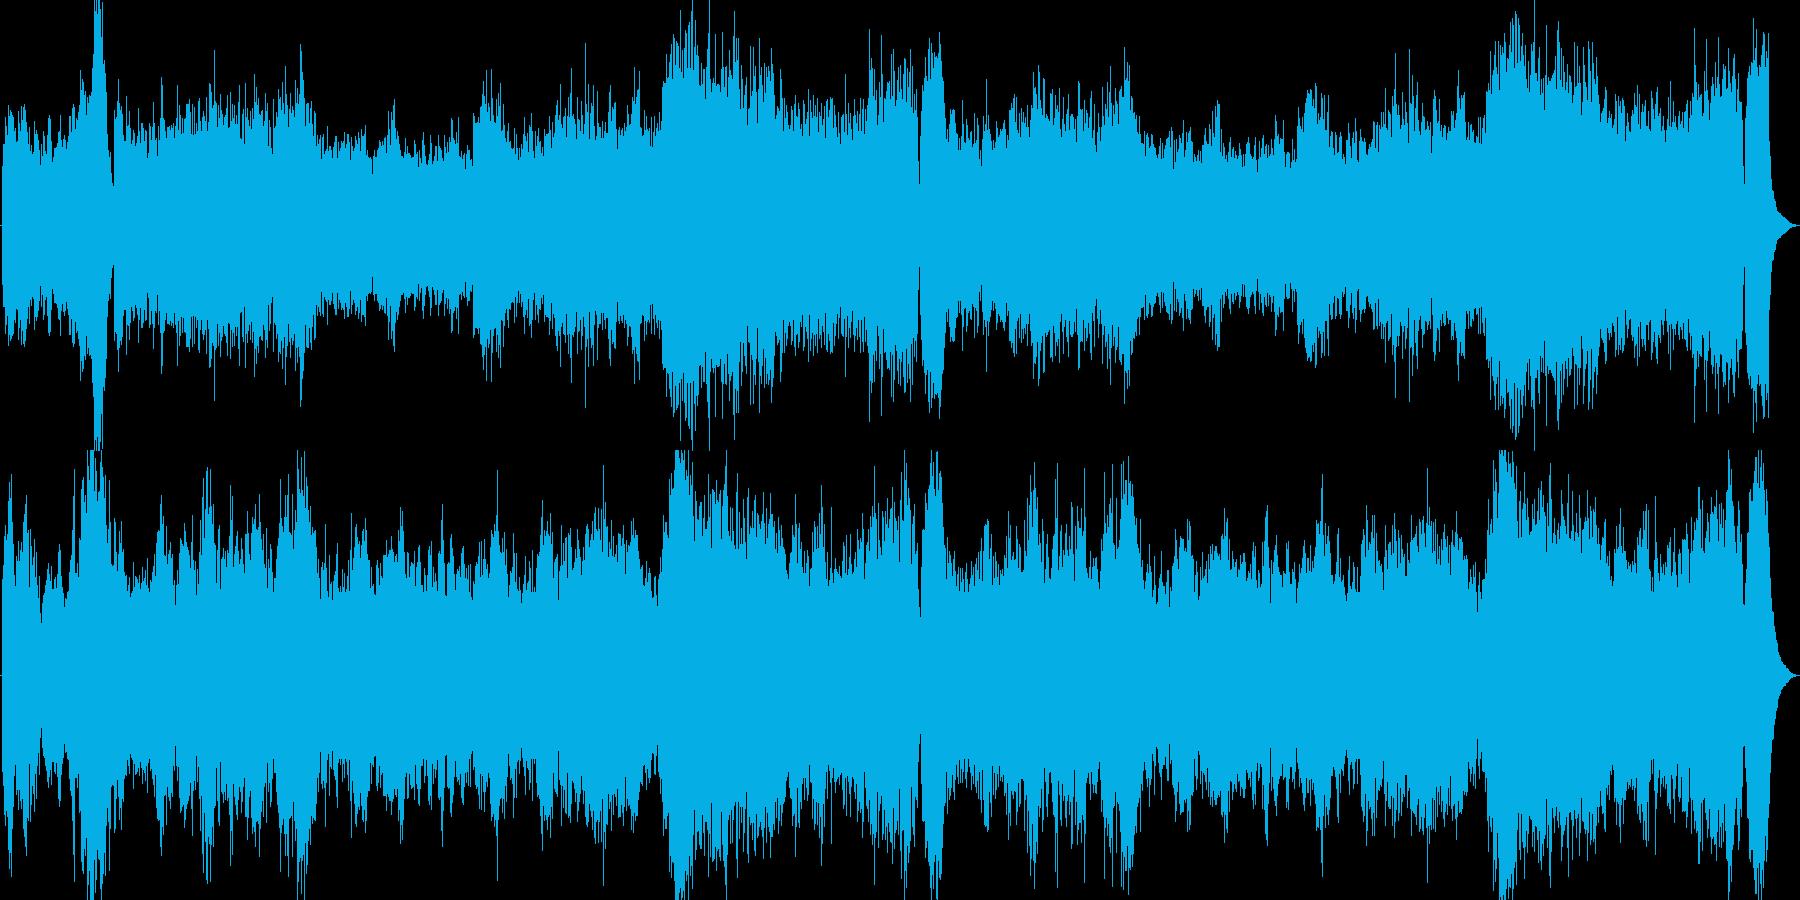 オーケストラによるドラマチックで壮大な曲の再生済みの波形